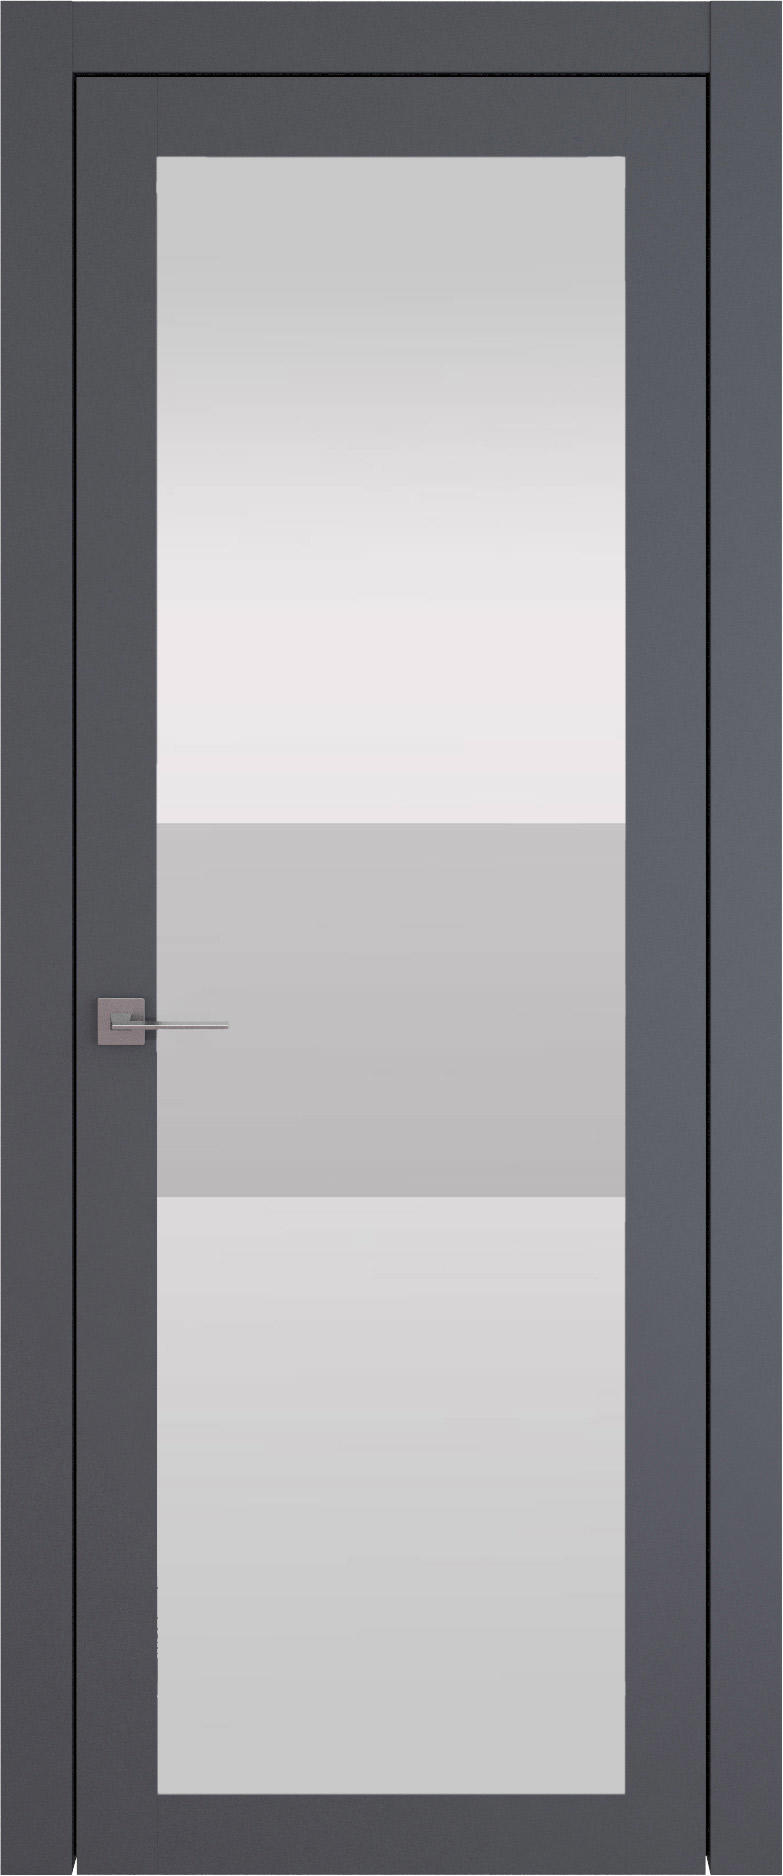 Tivoli З-4 цвет - Графитово-серая эмаль (RAL 7024) Со стеклом (ДО)